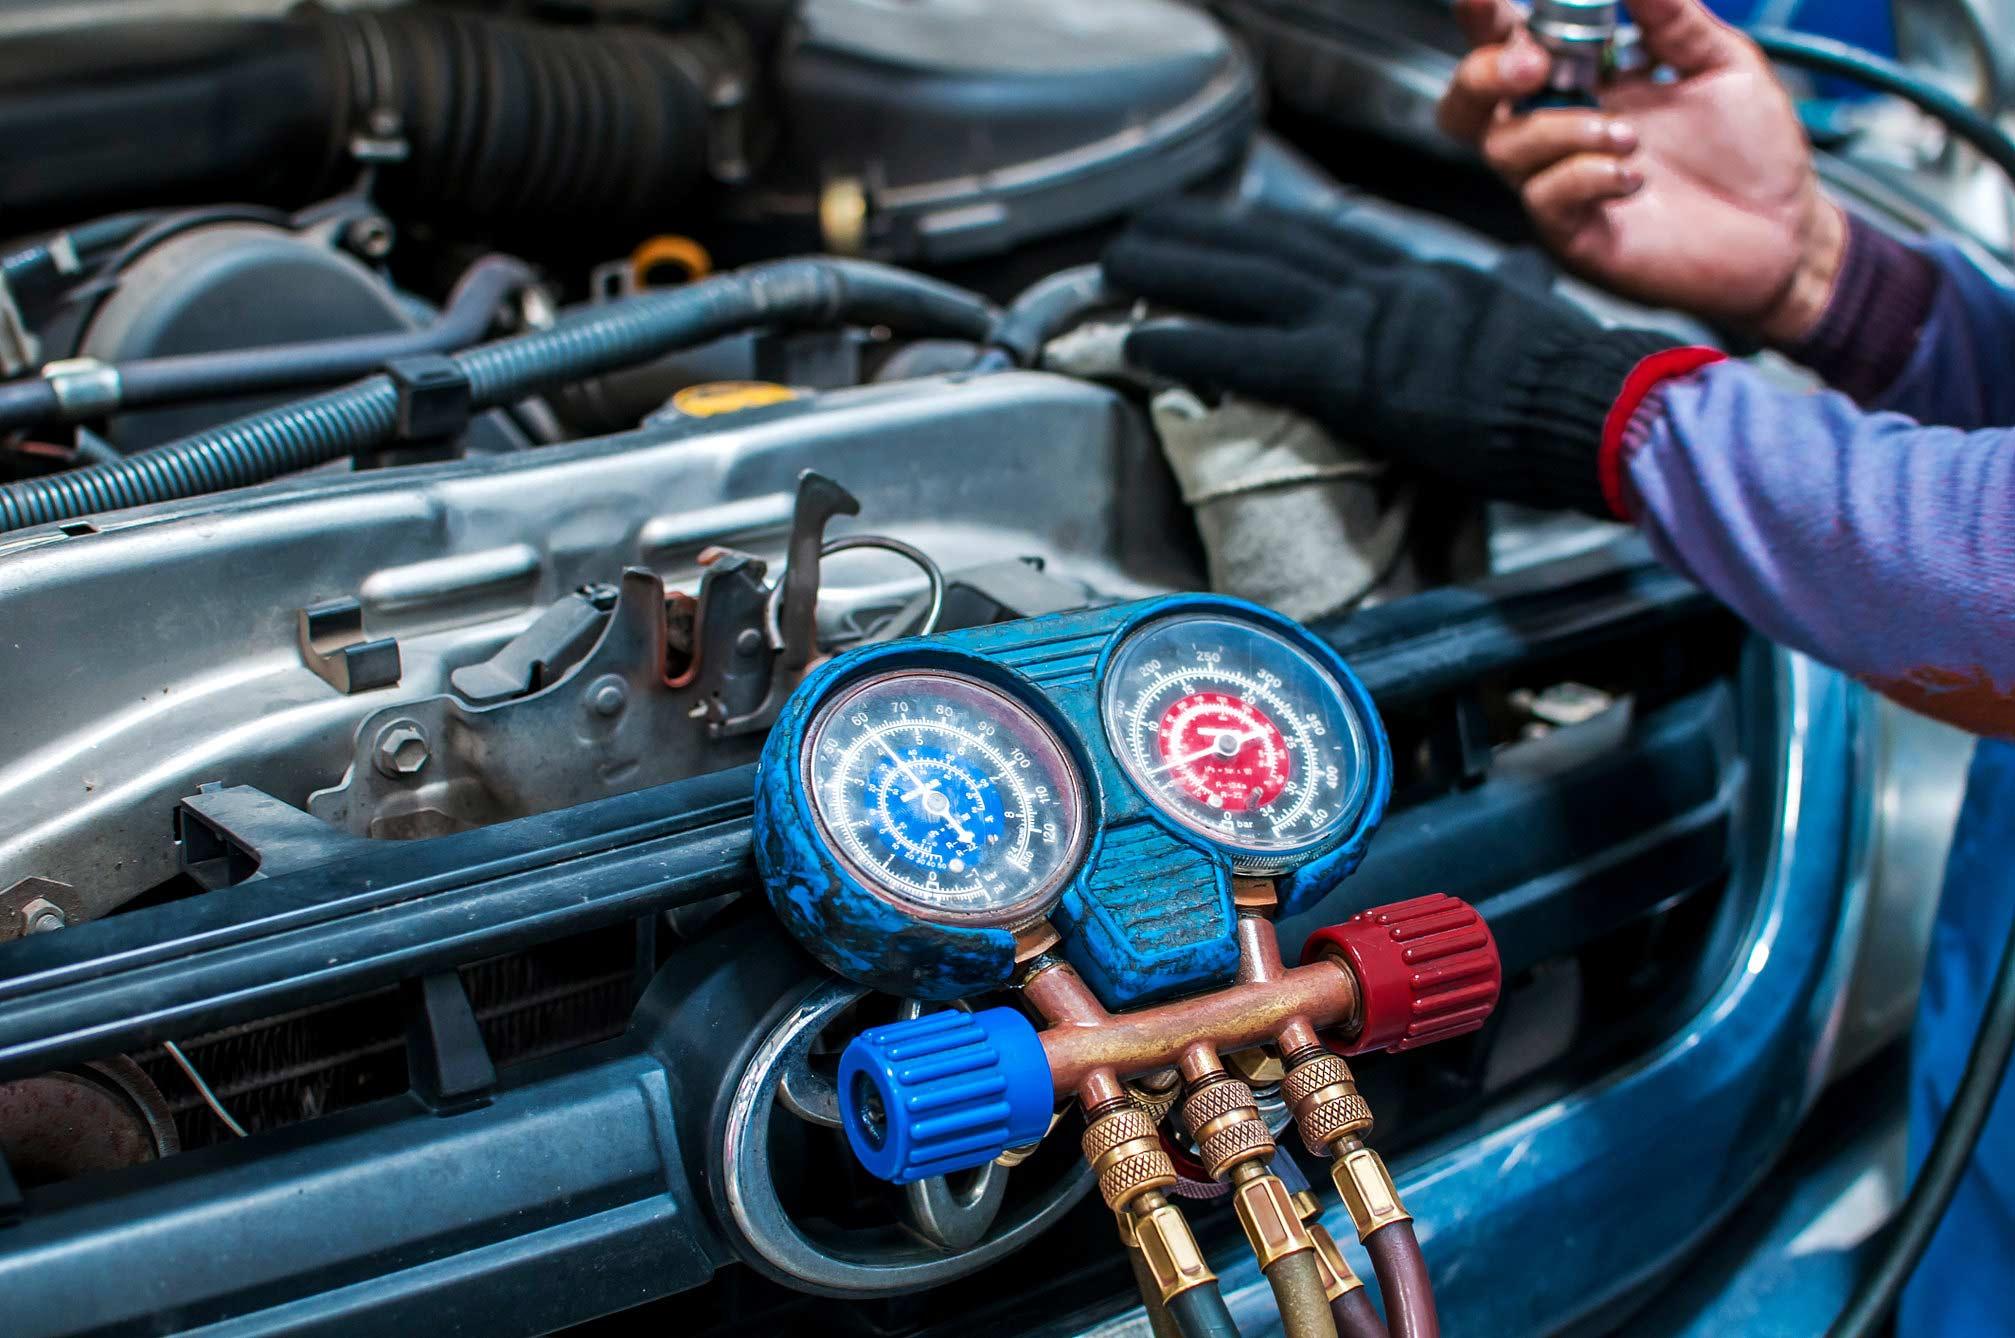 Taller aire acondicionado automotor